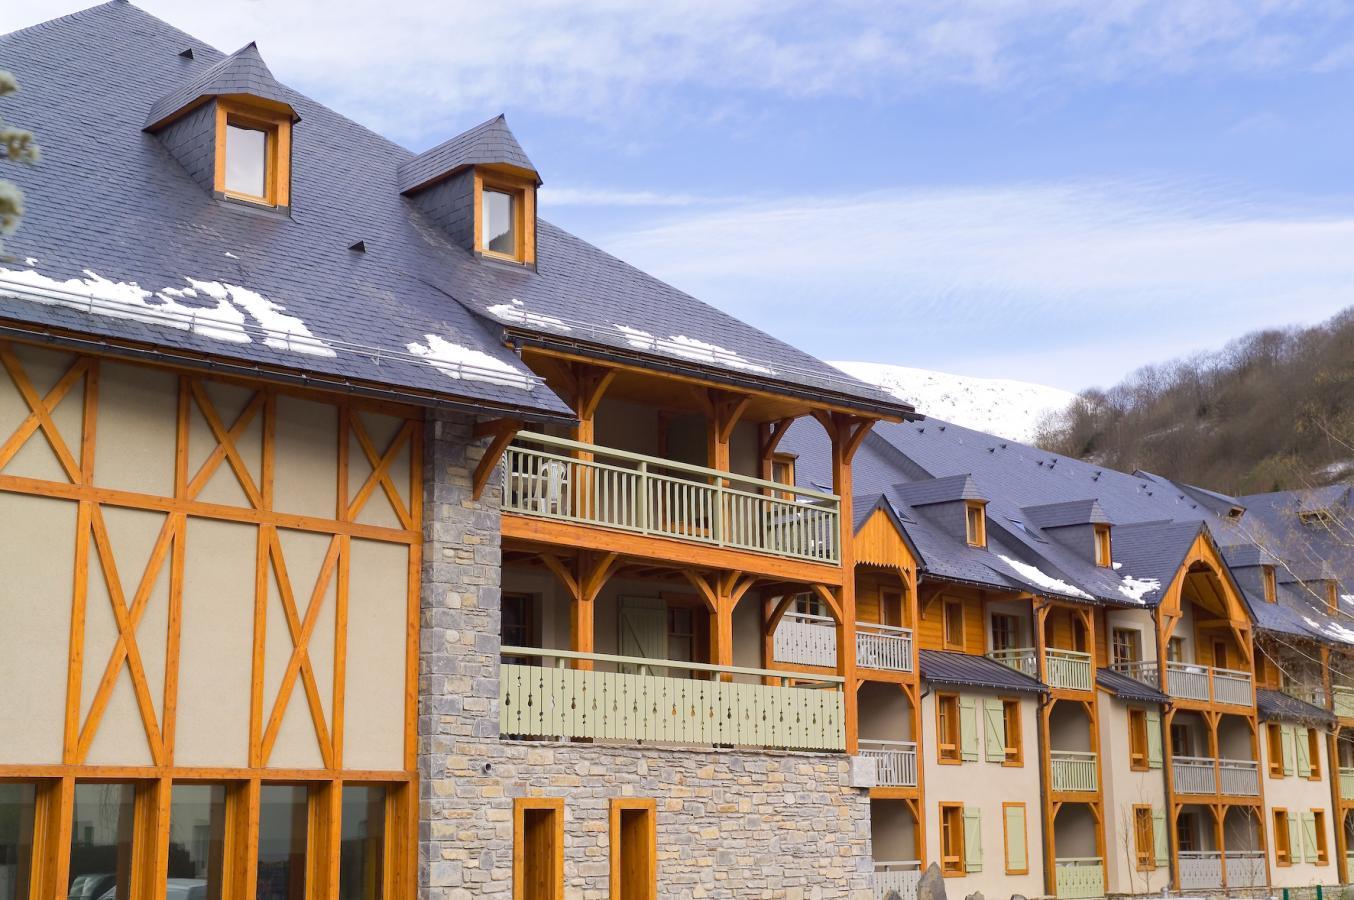 Code promo -50€ sur les séjours au ski sur une sélection de résidences